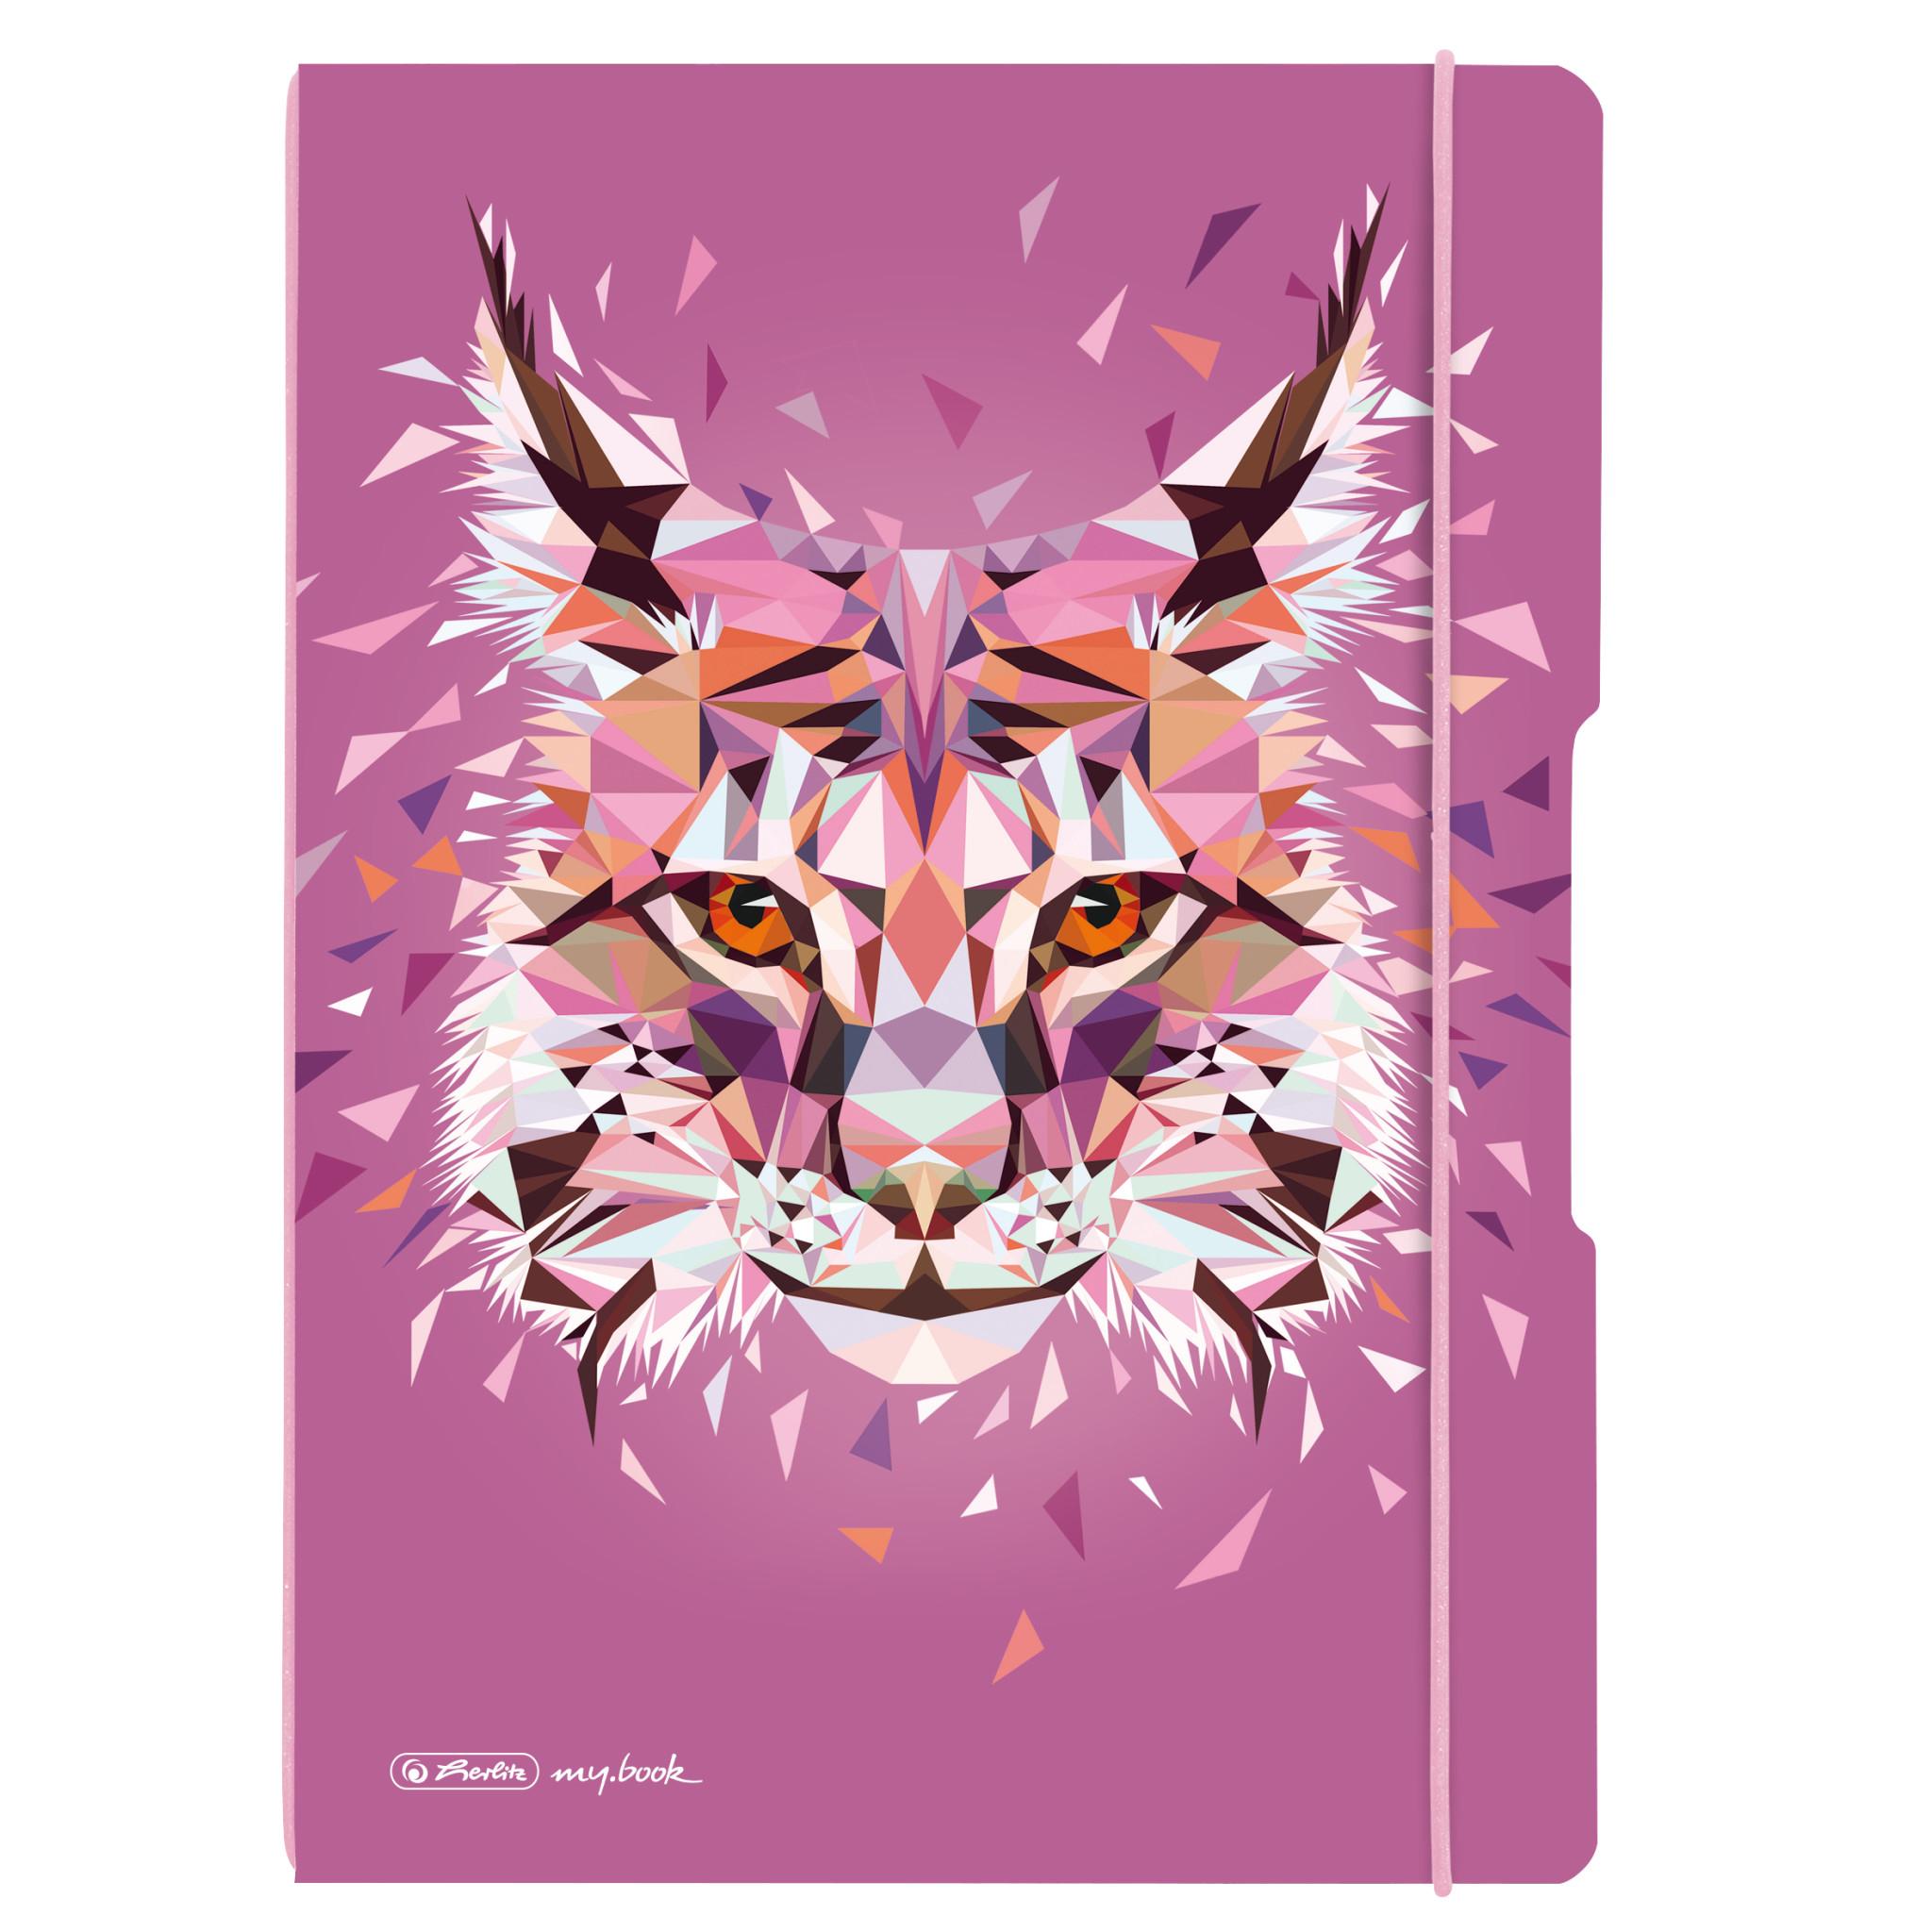 Vorschau: Herlitz 50027279 - Abbildung - Pink - A4 - 80 Blätter - 80 g/m² - Kariertes Papier